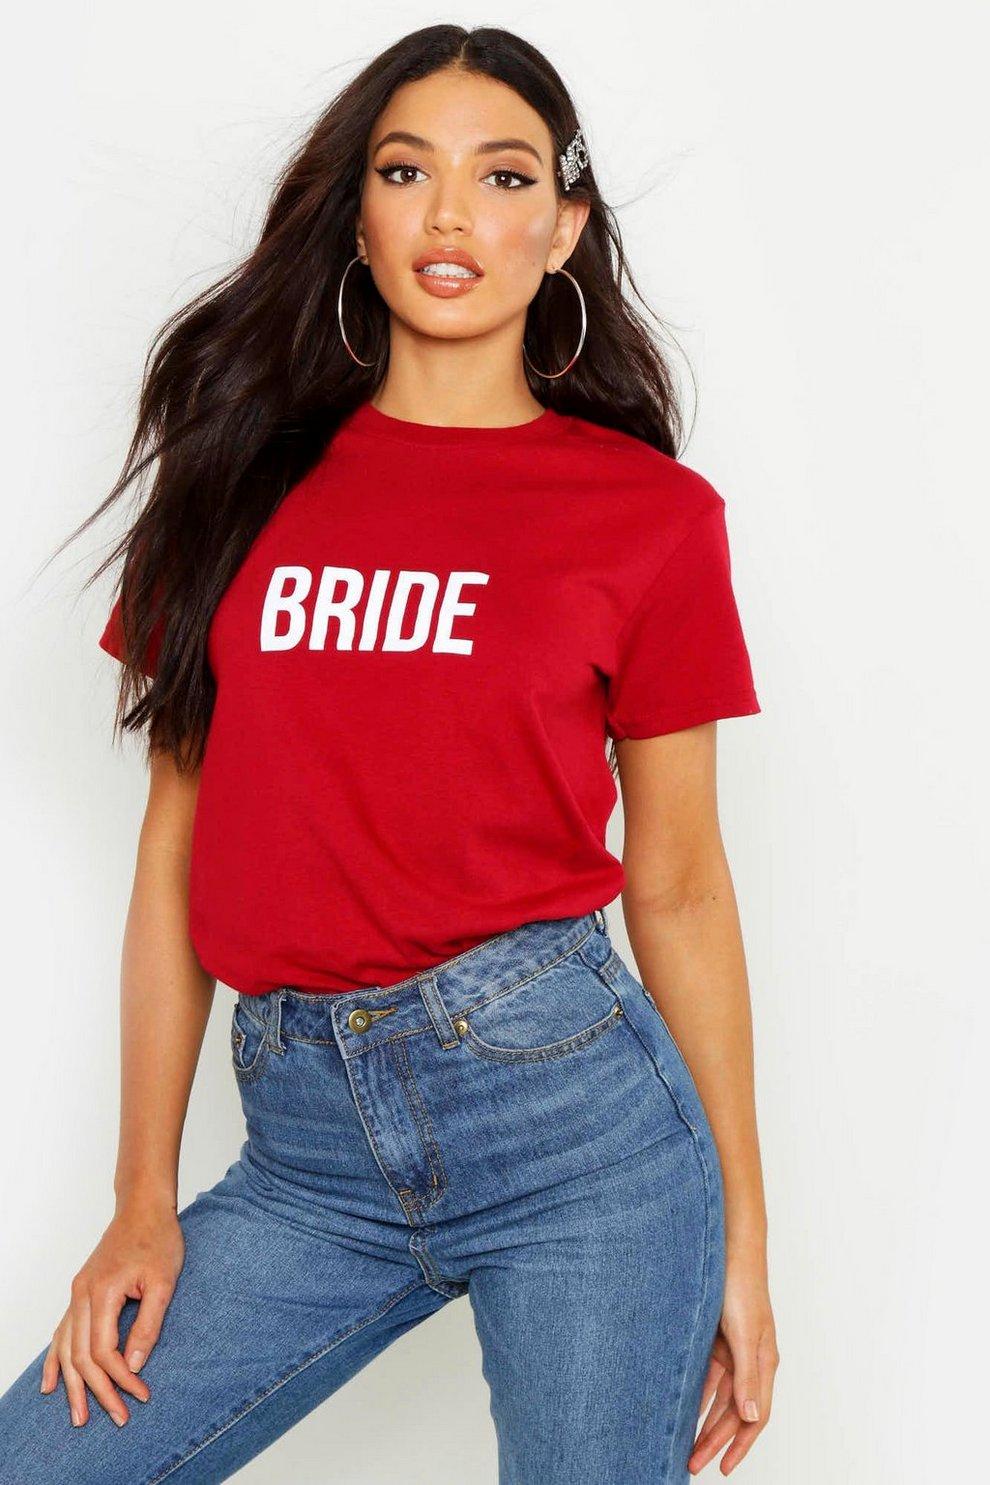 d66964a6eefb2f T-shirt con scritta Bride | Boohoo